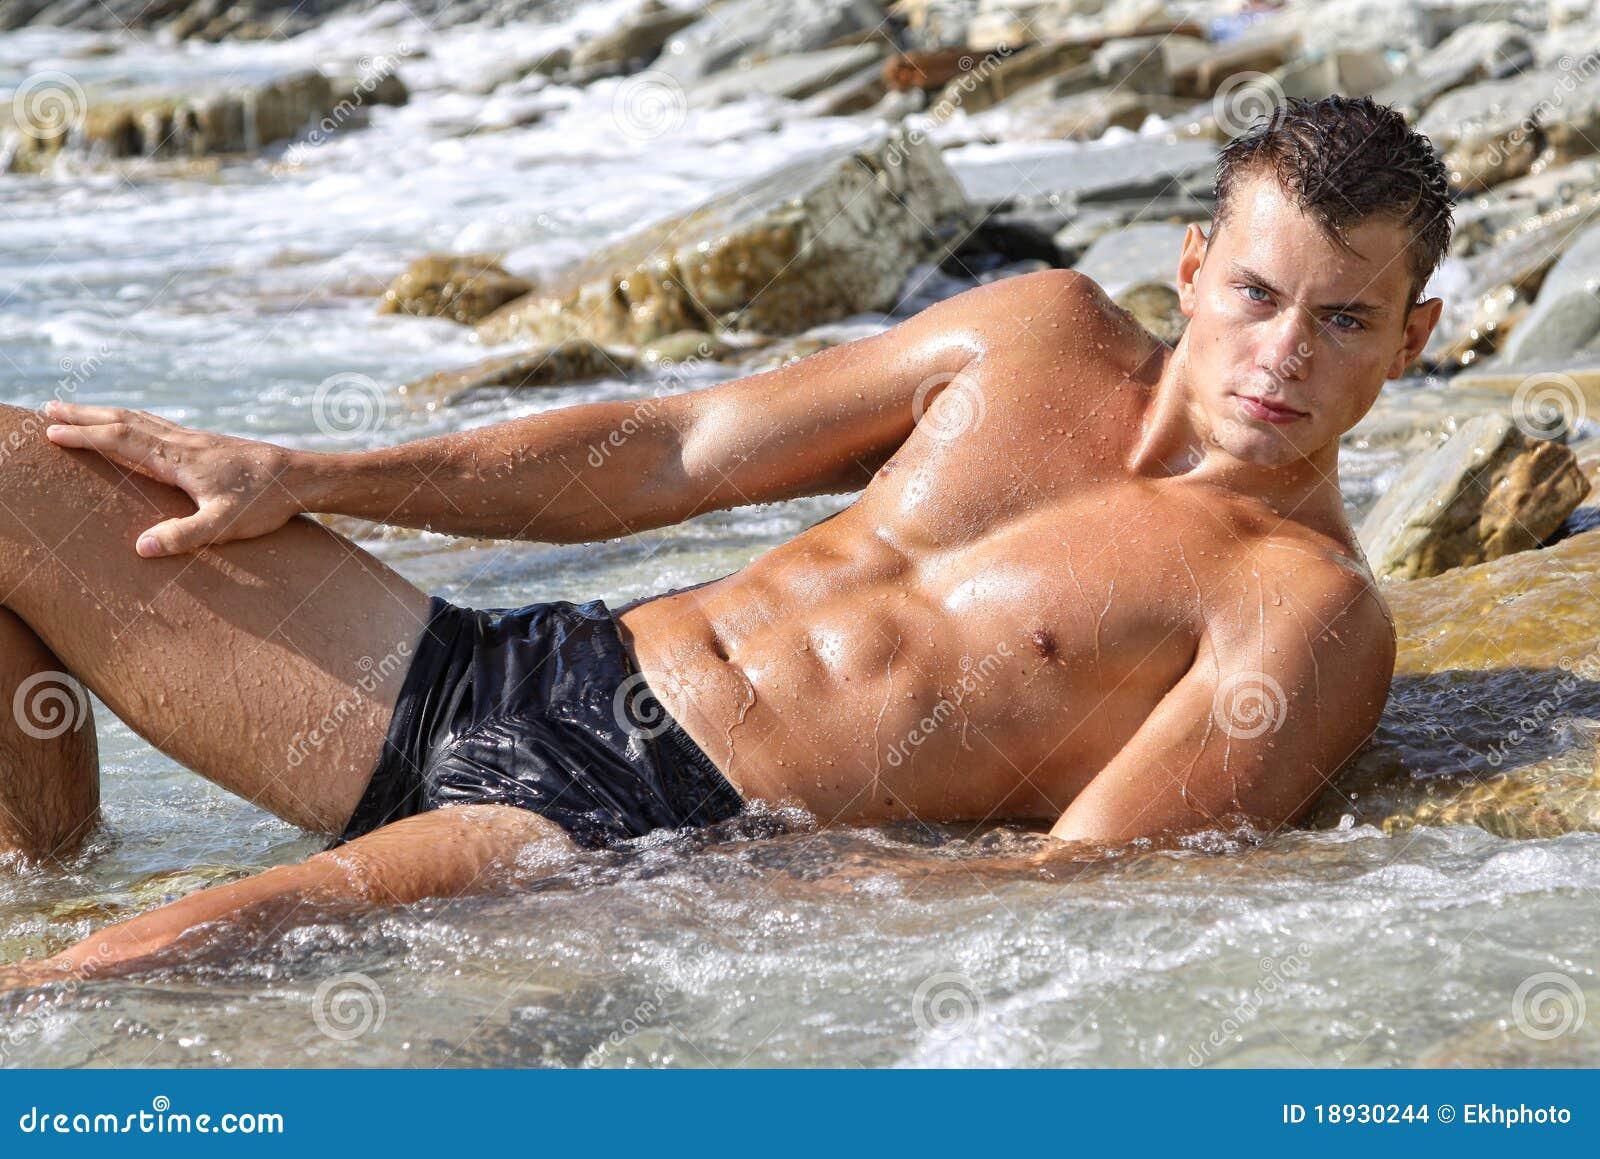 bacheca gallarate ragazzi gay nudi video